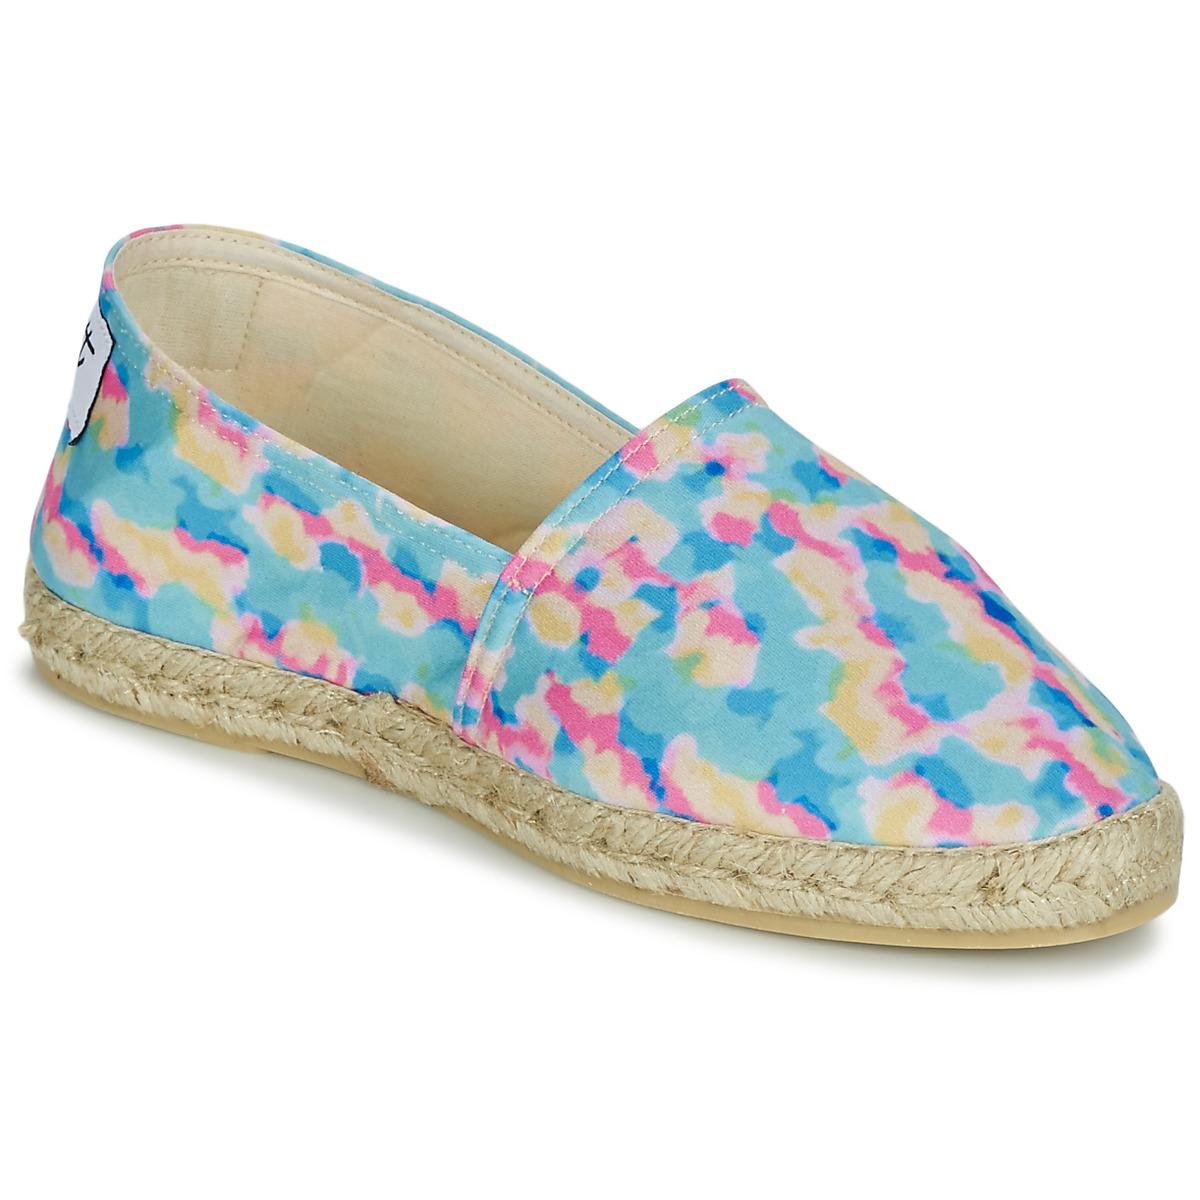 Maiett BATIK Multicolore Chaussure pas pas pas cher avec add27a